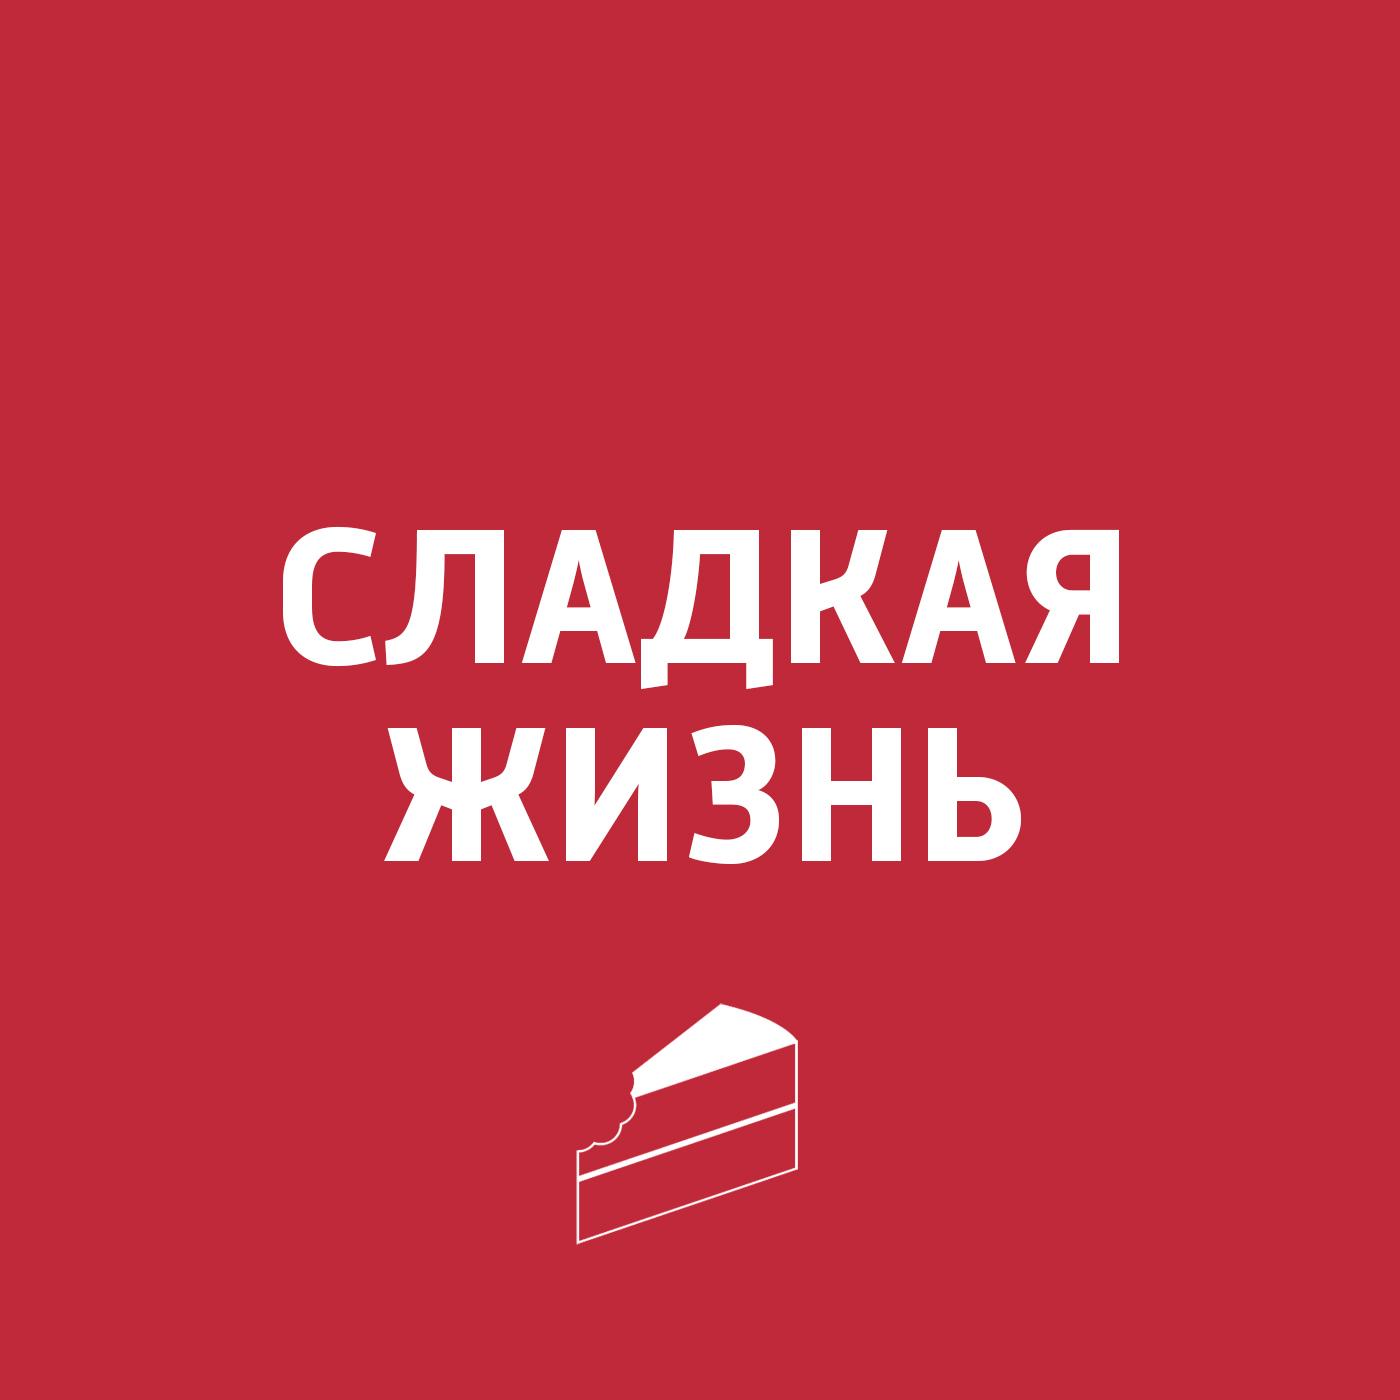 Картаев Павел Клубника говорова галина федоровна говоров дмитрий николаевич земляника и клубника